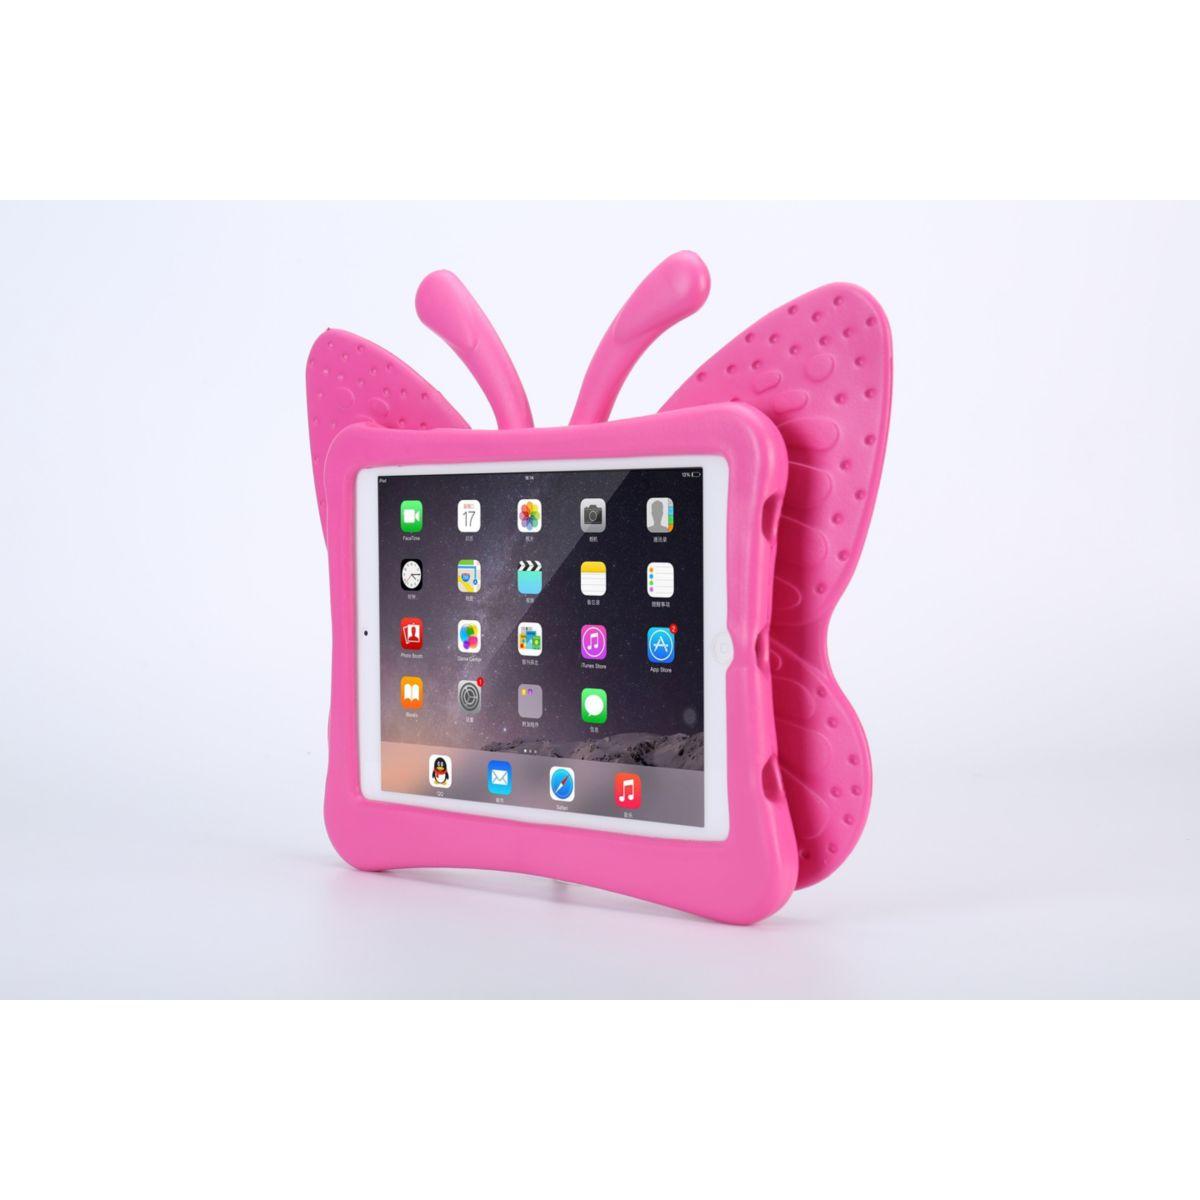 Etui tablette ESSENTIELB Tablette enfant iPad 9.7'' rose (photo)